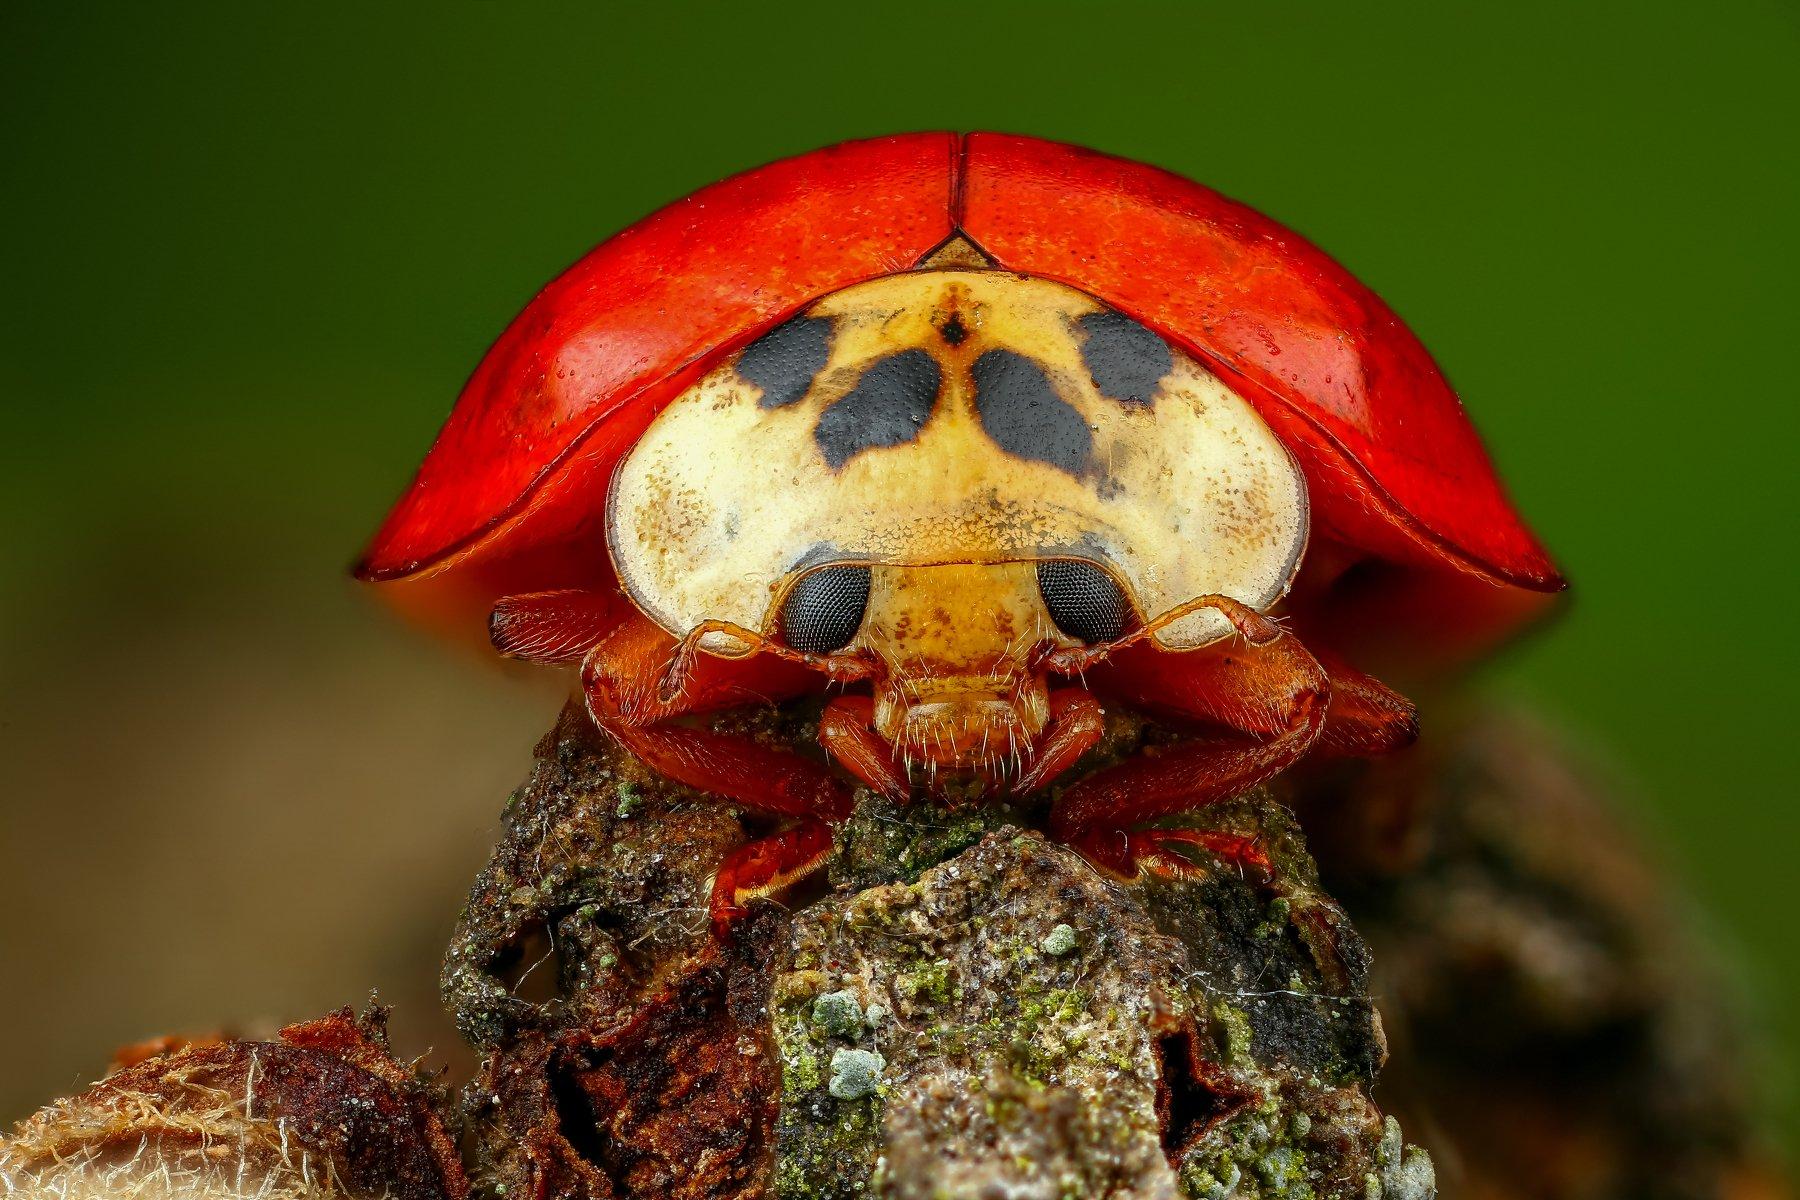 жук,макро,природа,усы,цвет,глаза,красный,насекомое,животное,зеленый, Шаповалов Андрей